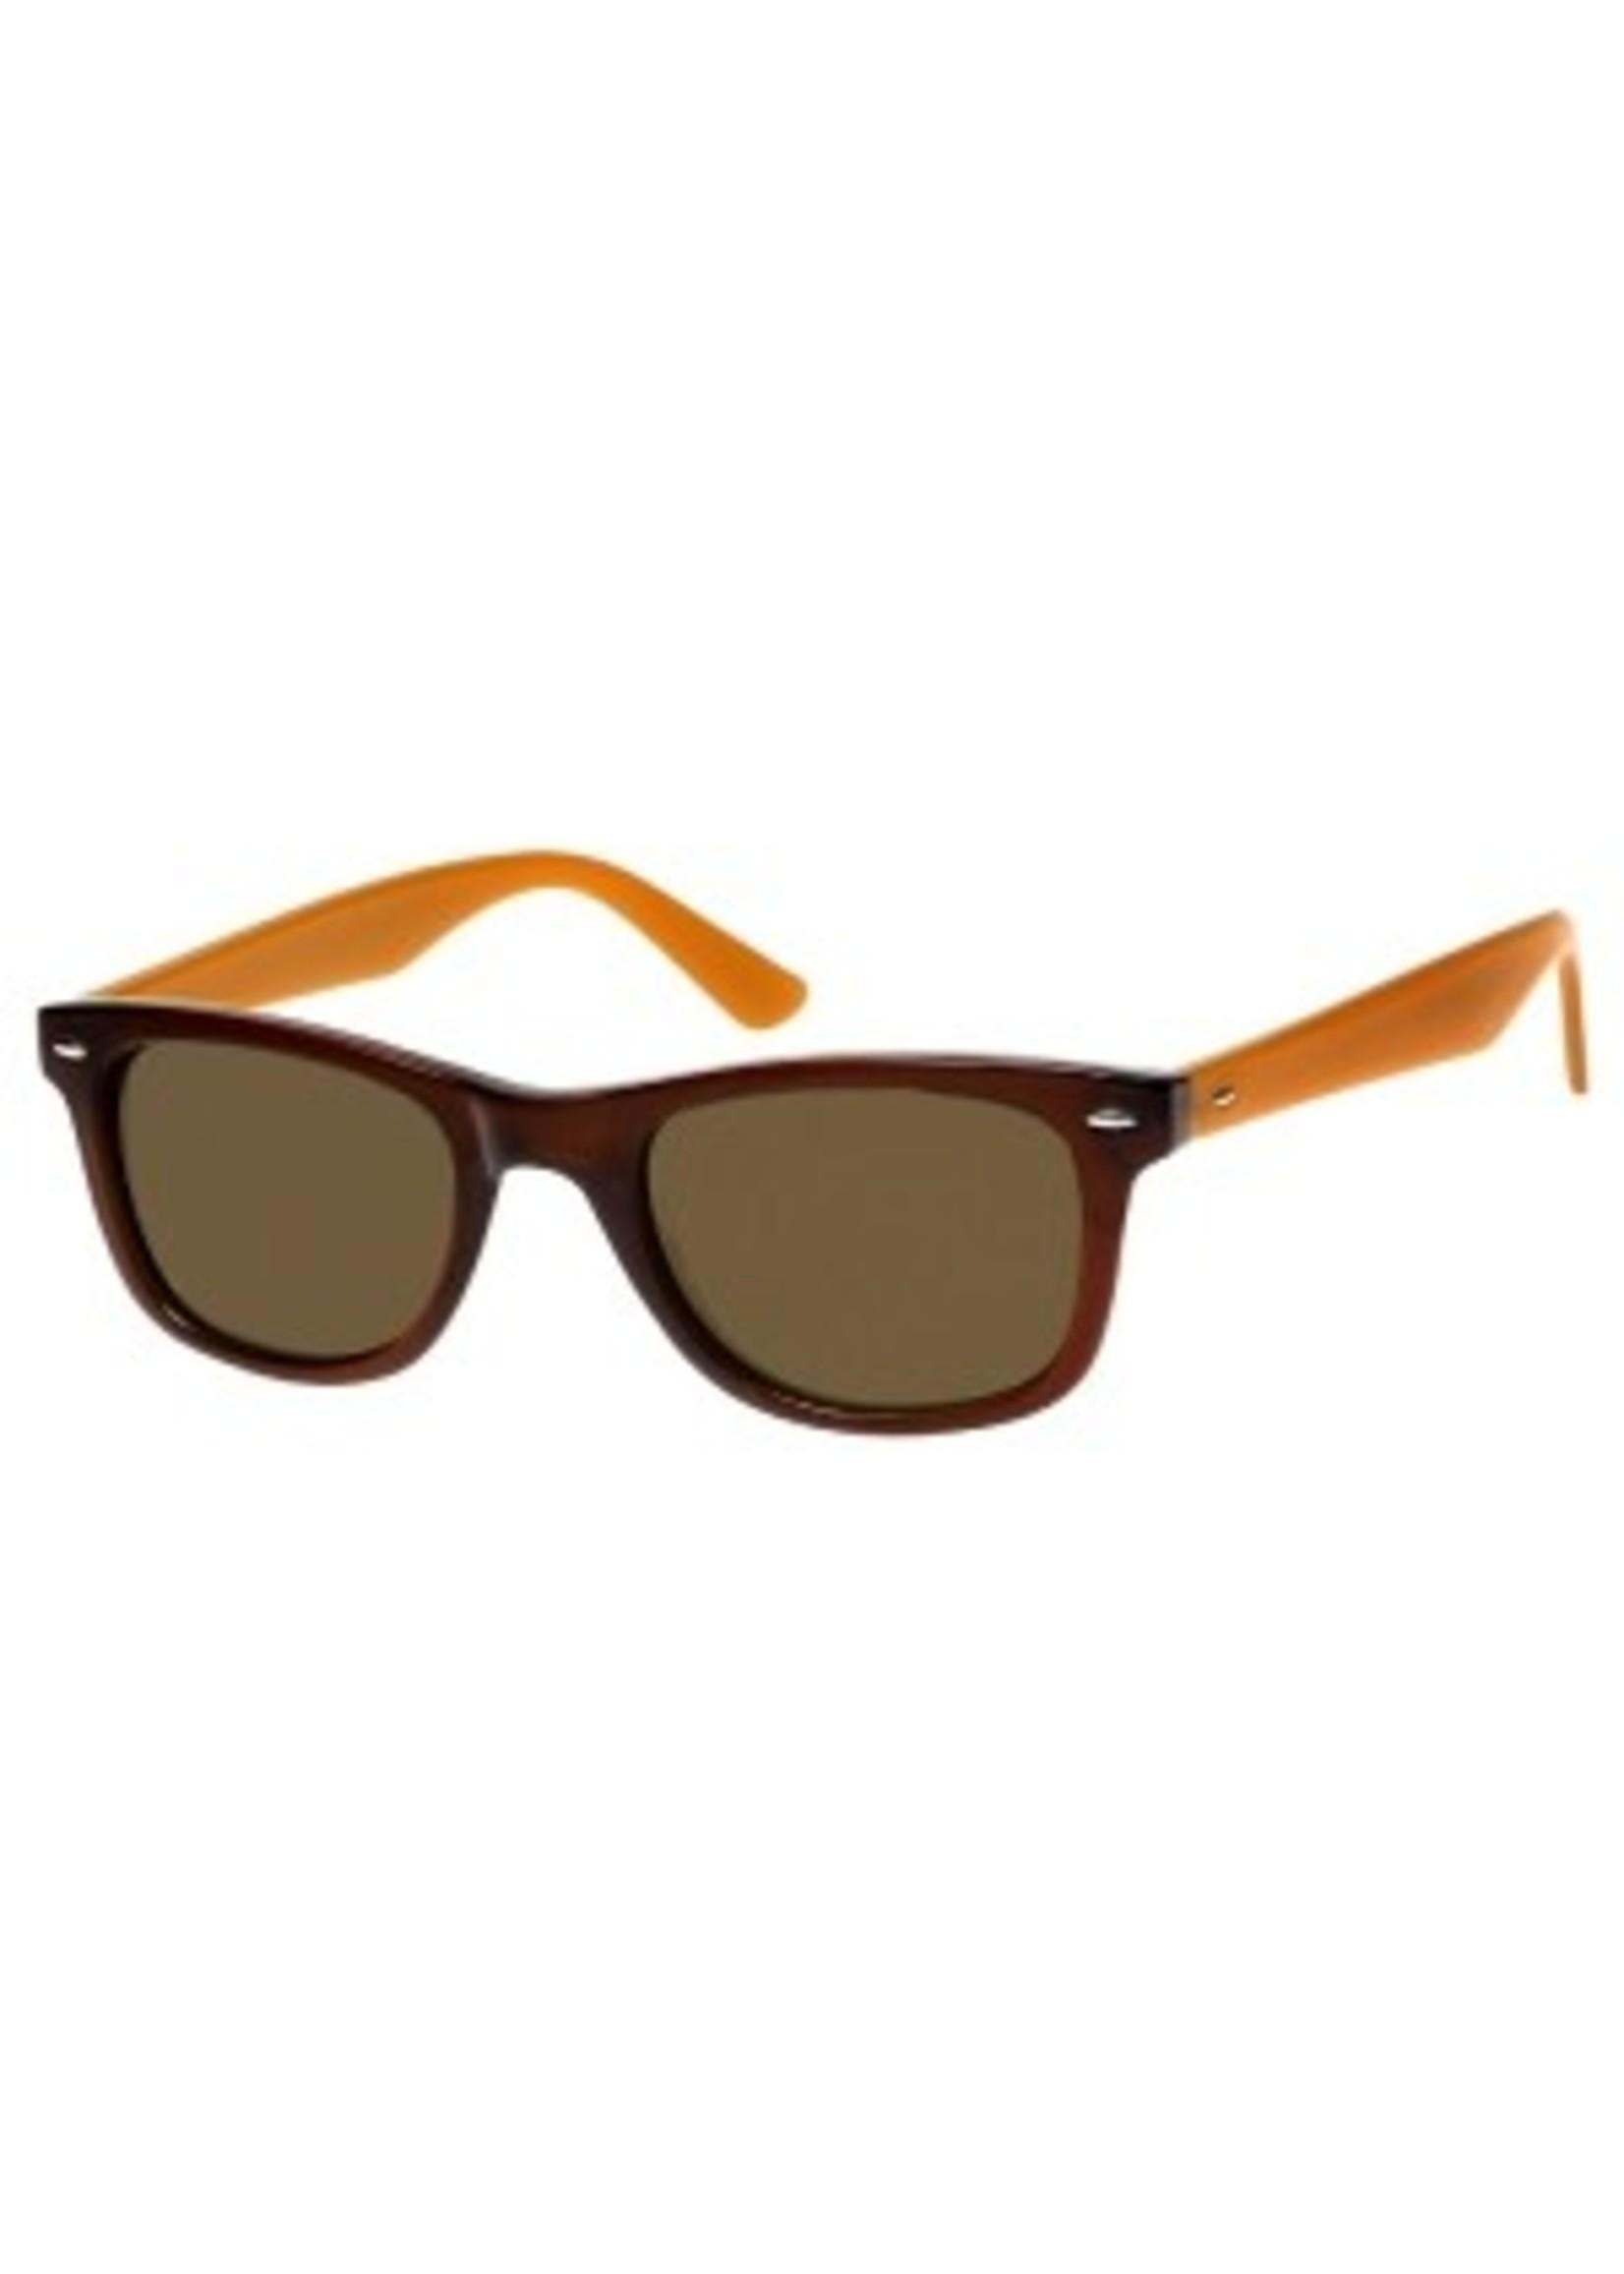 wayfarer leesbril in donkerbruin met caramel veren